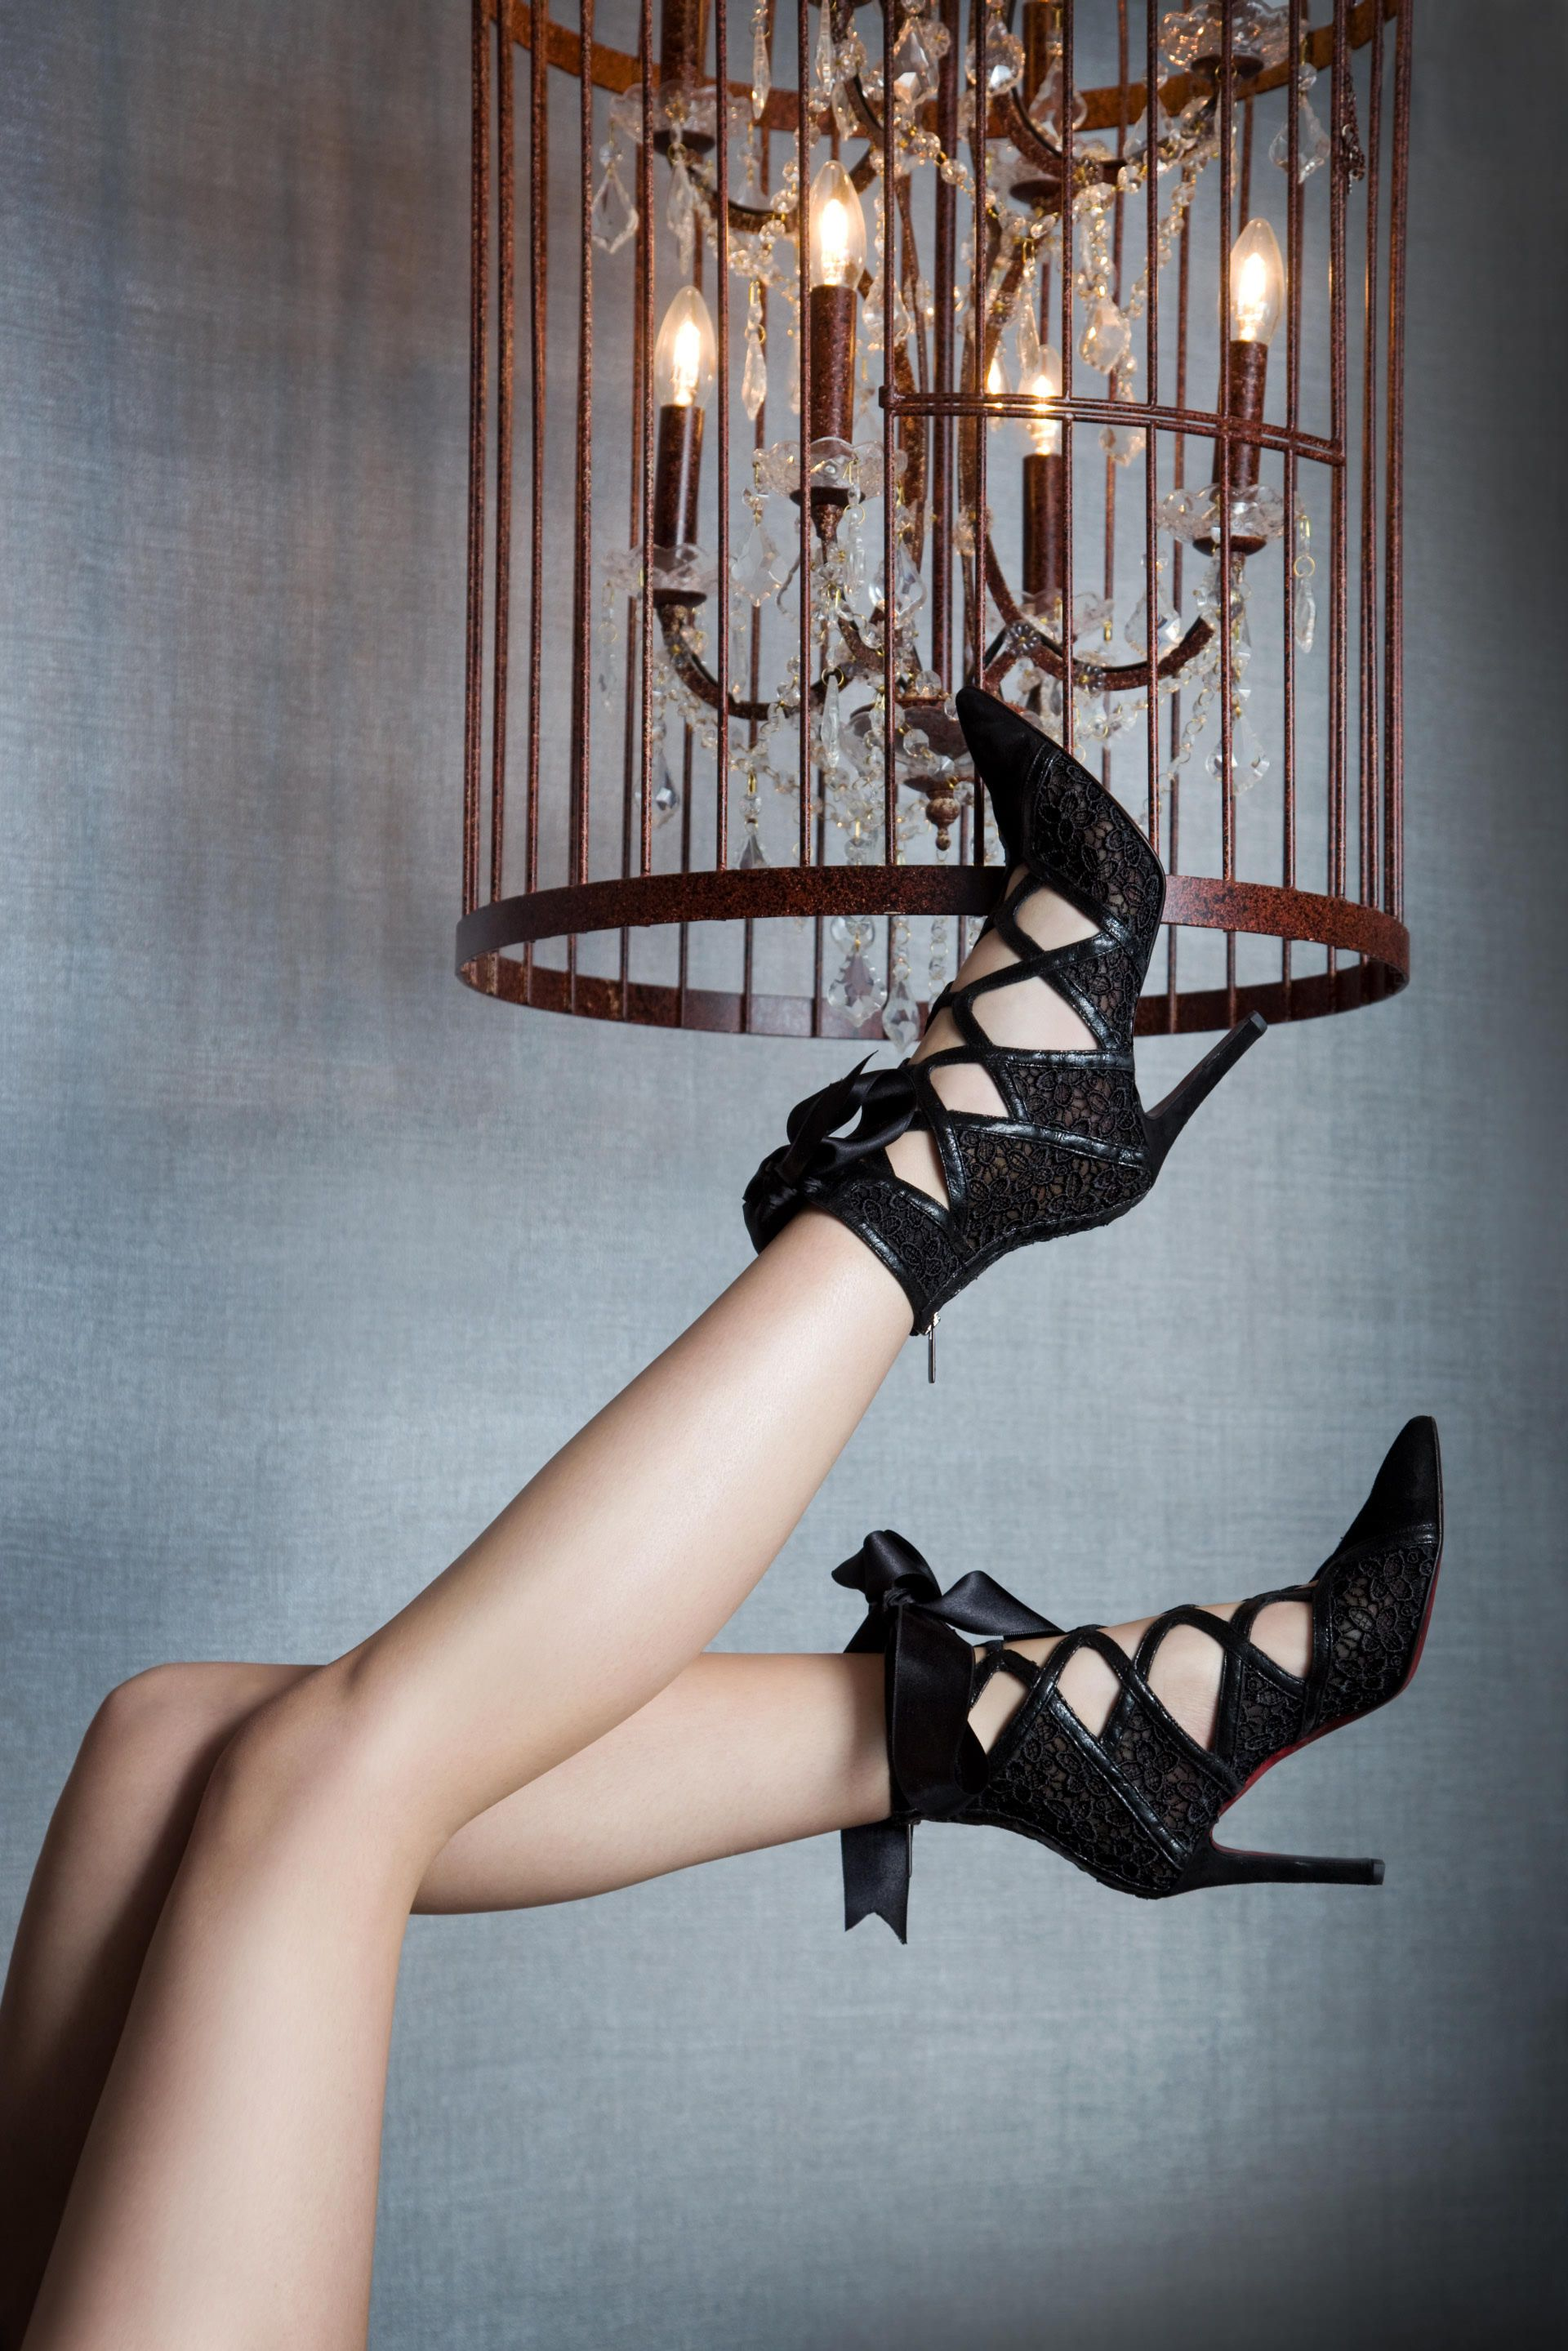 Cipele koje osvajaju svijet